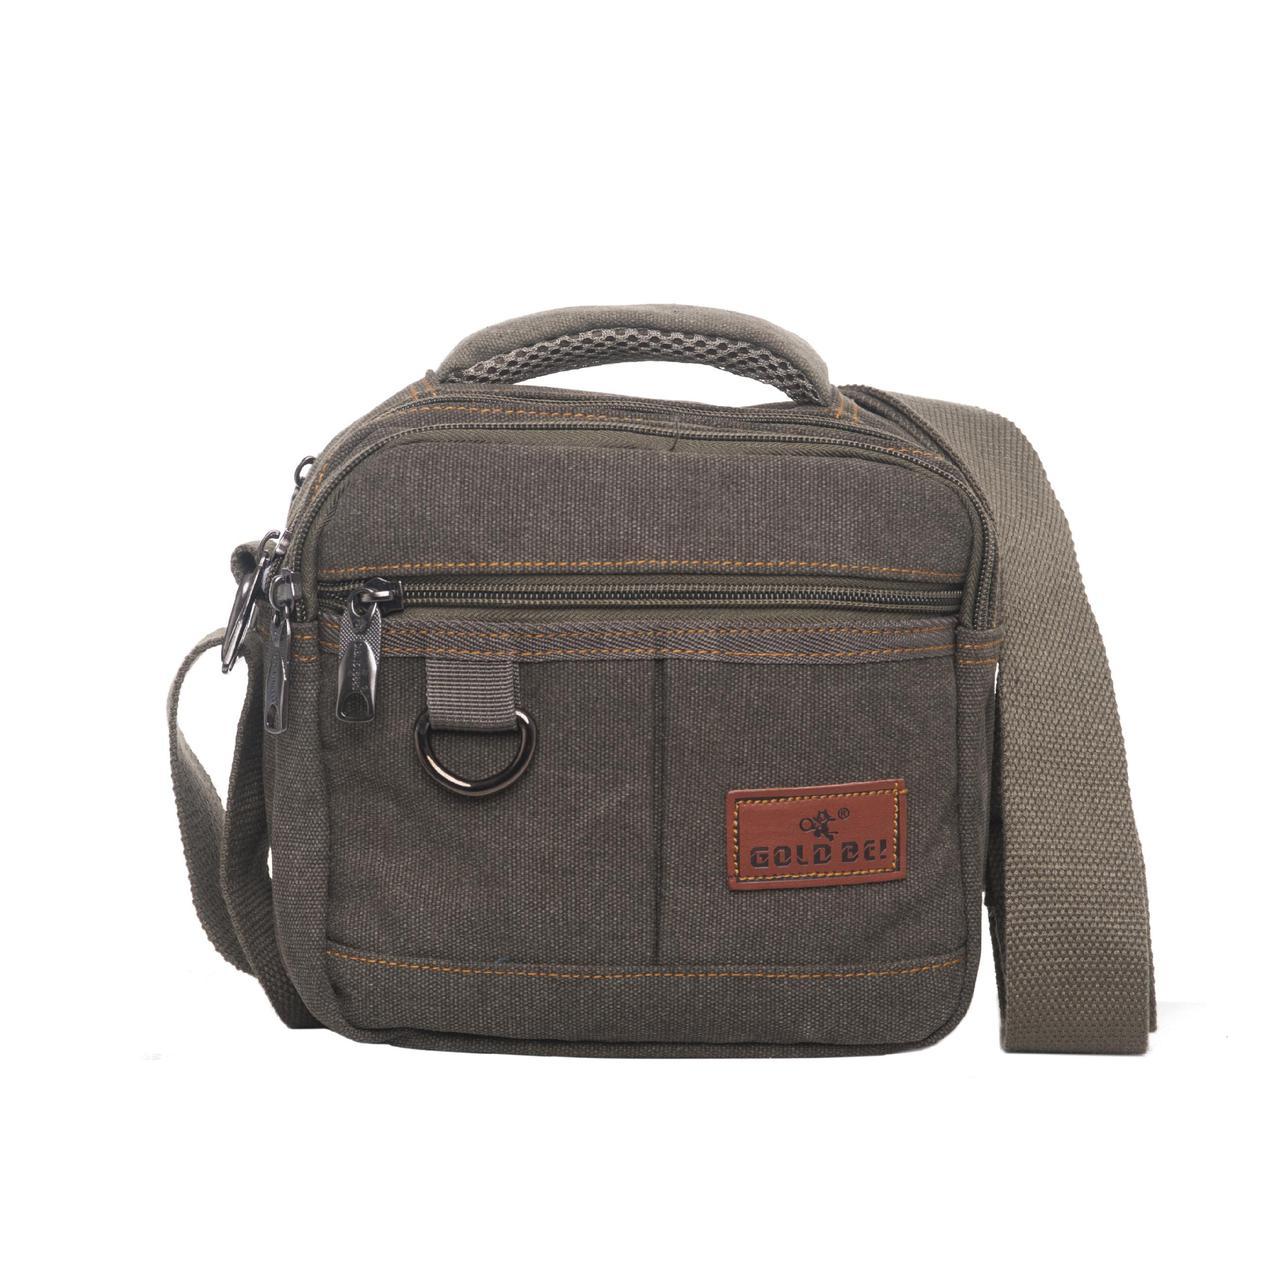 Мужская сумка GOLD BE горизонтальная 20х19х12 ткань брезент цвет хаки ксС555х